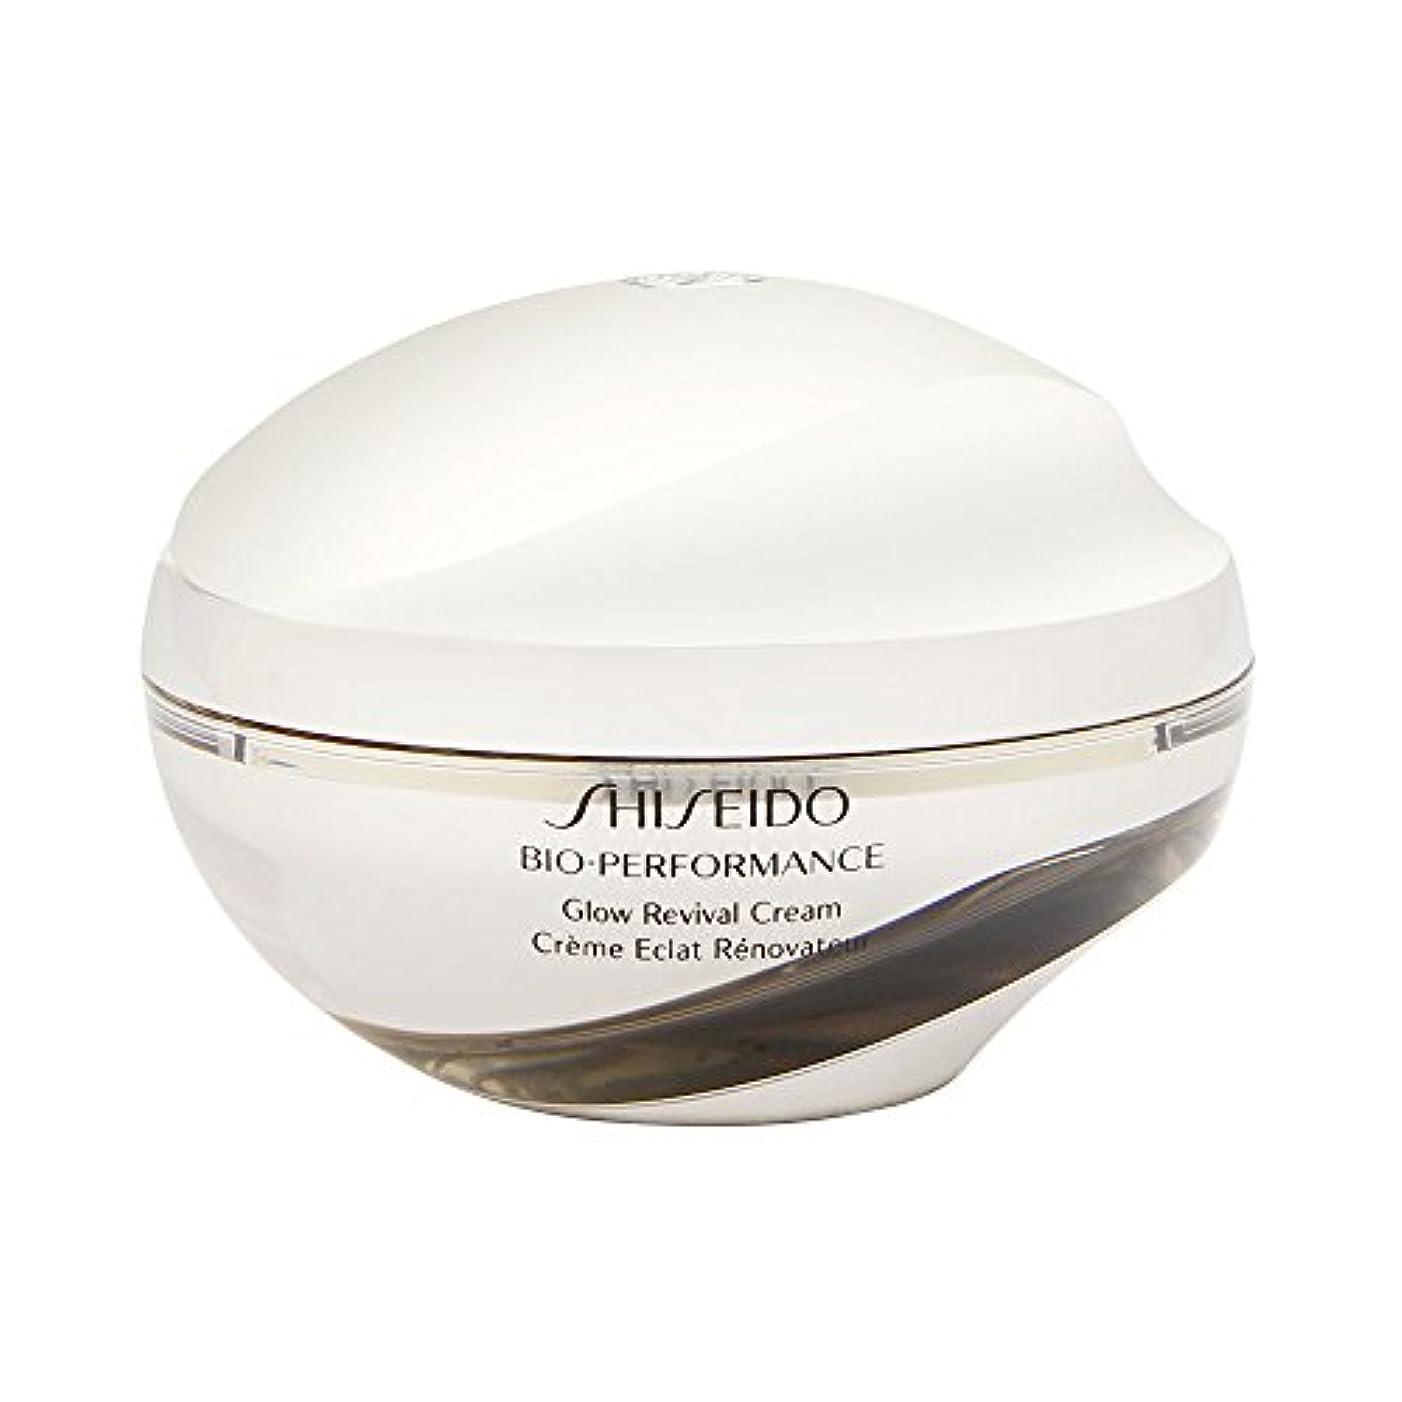 疲れたつかいます北米Shiseido Bio Performance Glow Revival Cream 75 ml / 2.6 oz by Shiseido